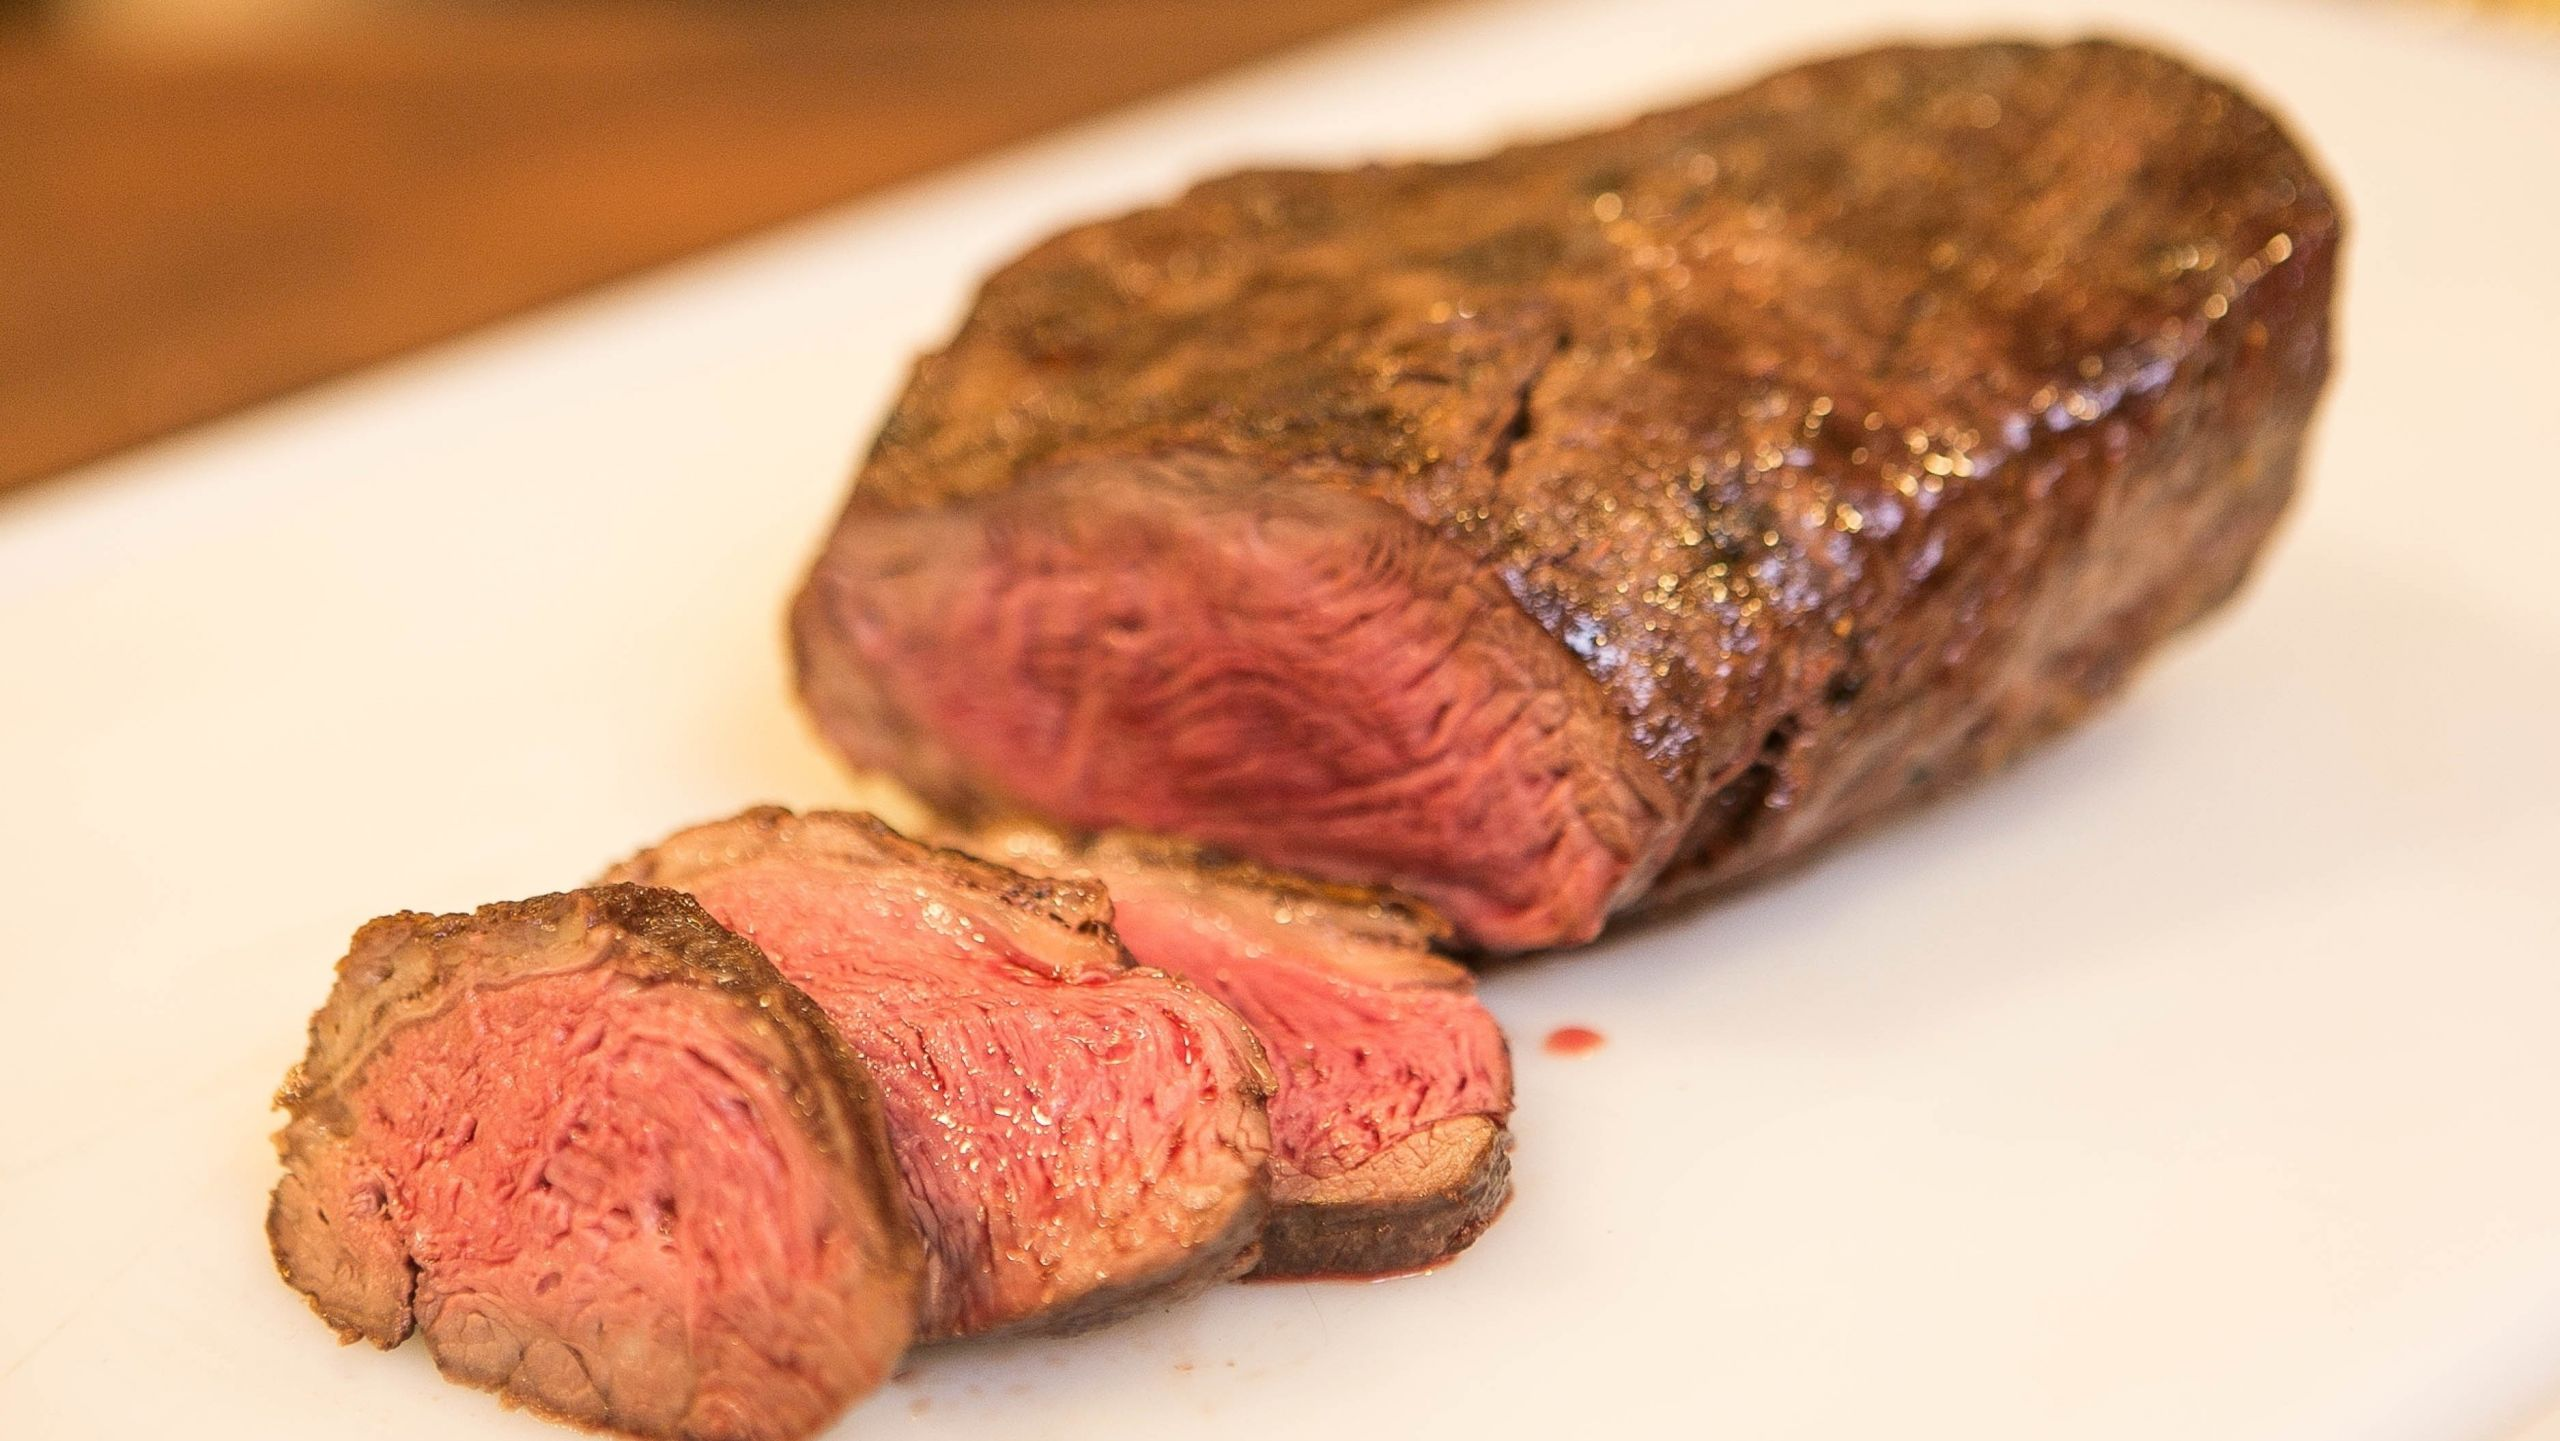 a carne bovina e calorica e tem colesterol de acordo a nutricionista salete brito er duas porcoes de carne vermelha por semana e o re endado tudo em excesso e prejudicial diz v2 16x9